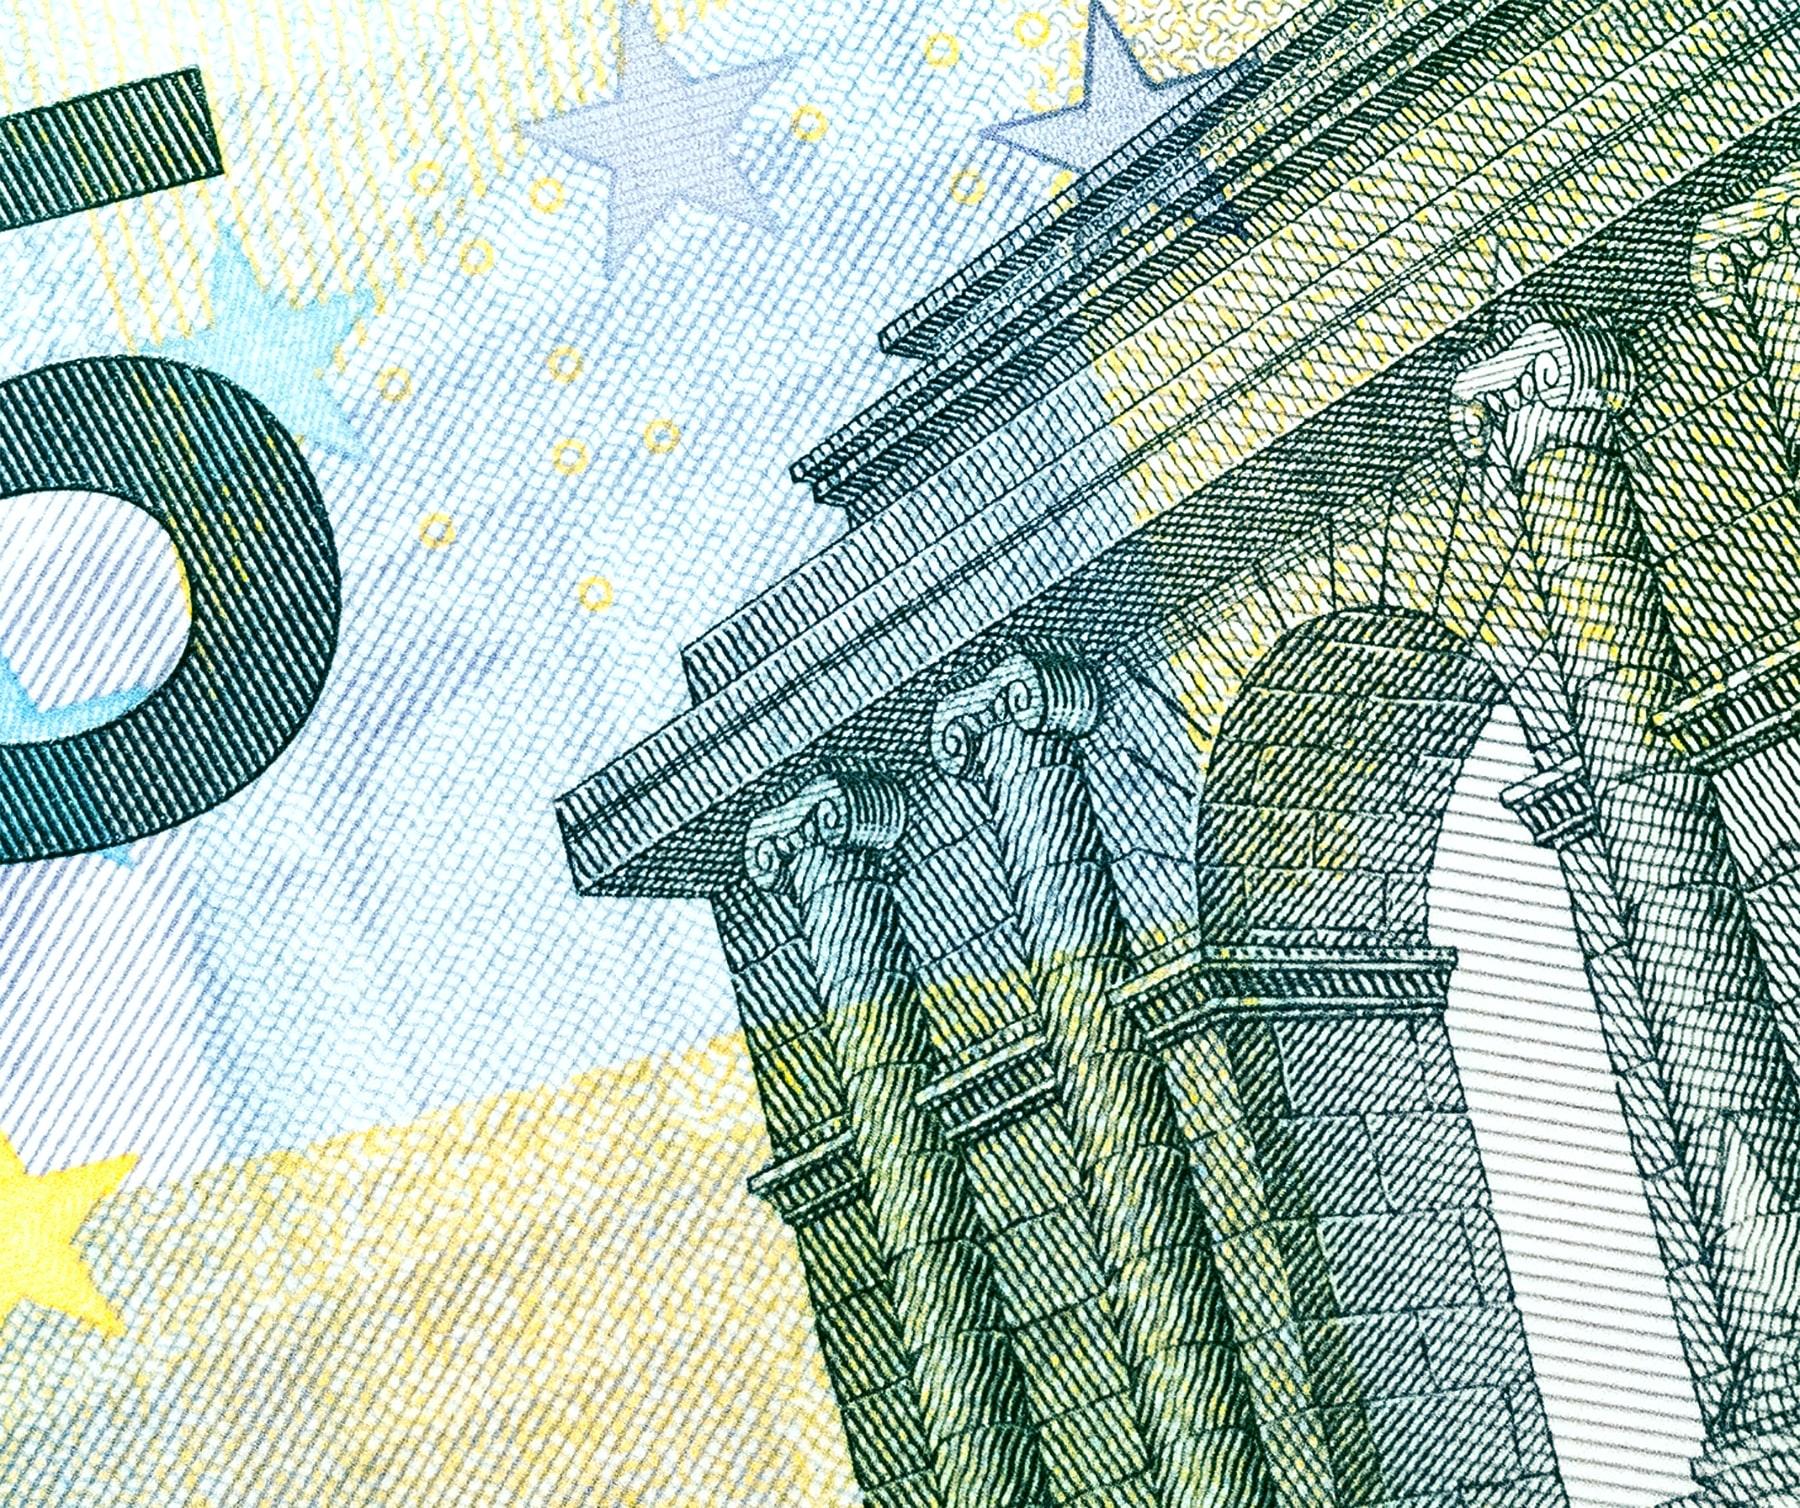 Le plan de relance européen pourrait contribuer à la consolidation de la zone Euro